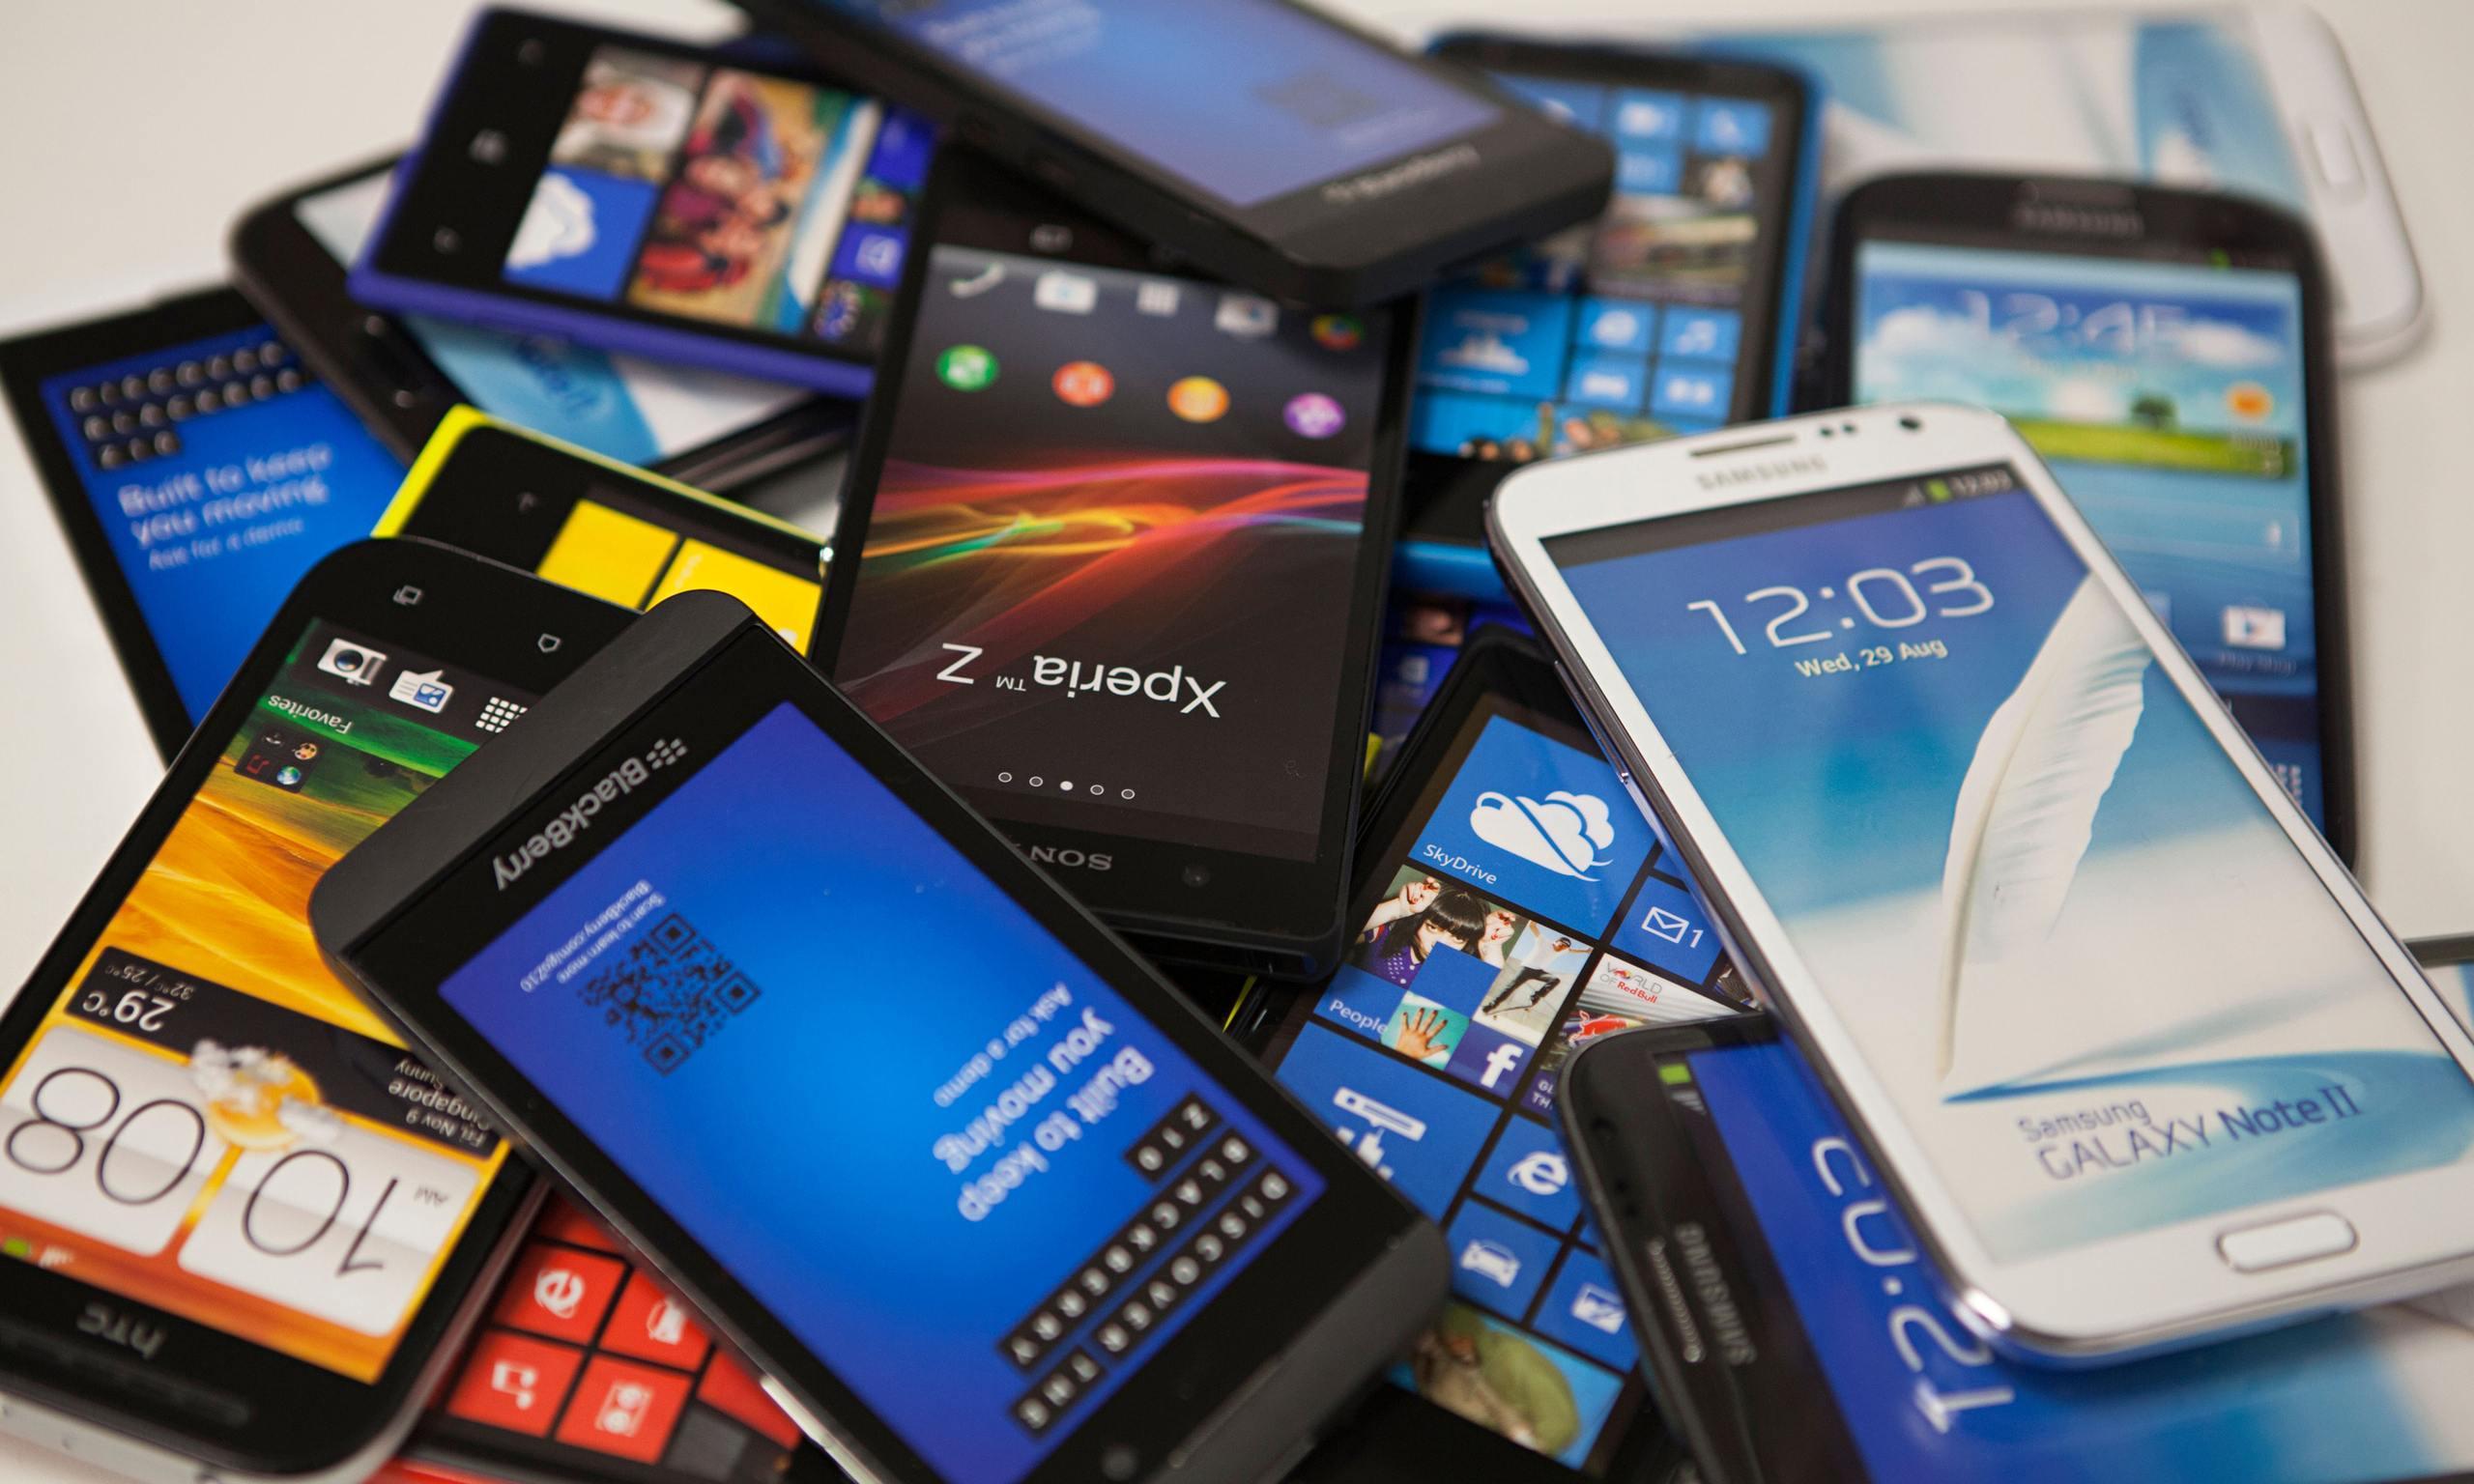 Le smartphone est un mobile multifonction en bon français